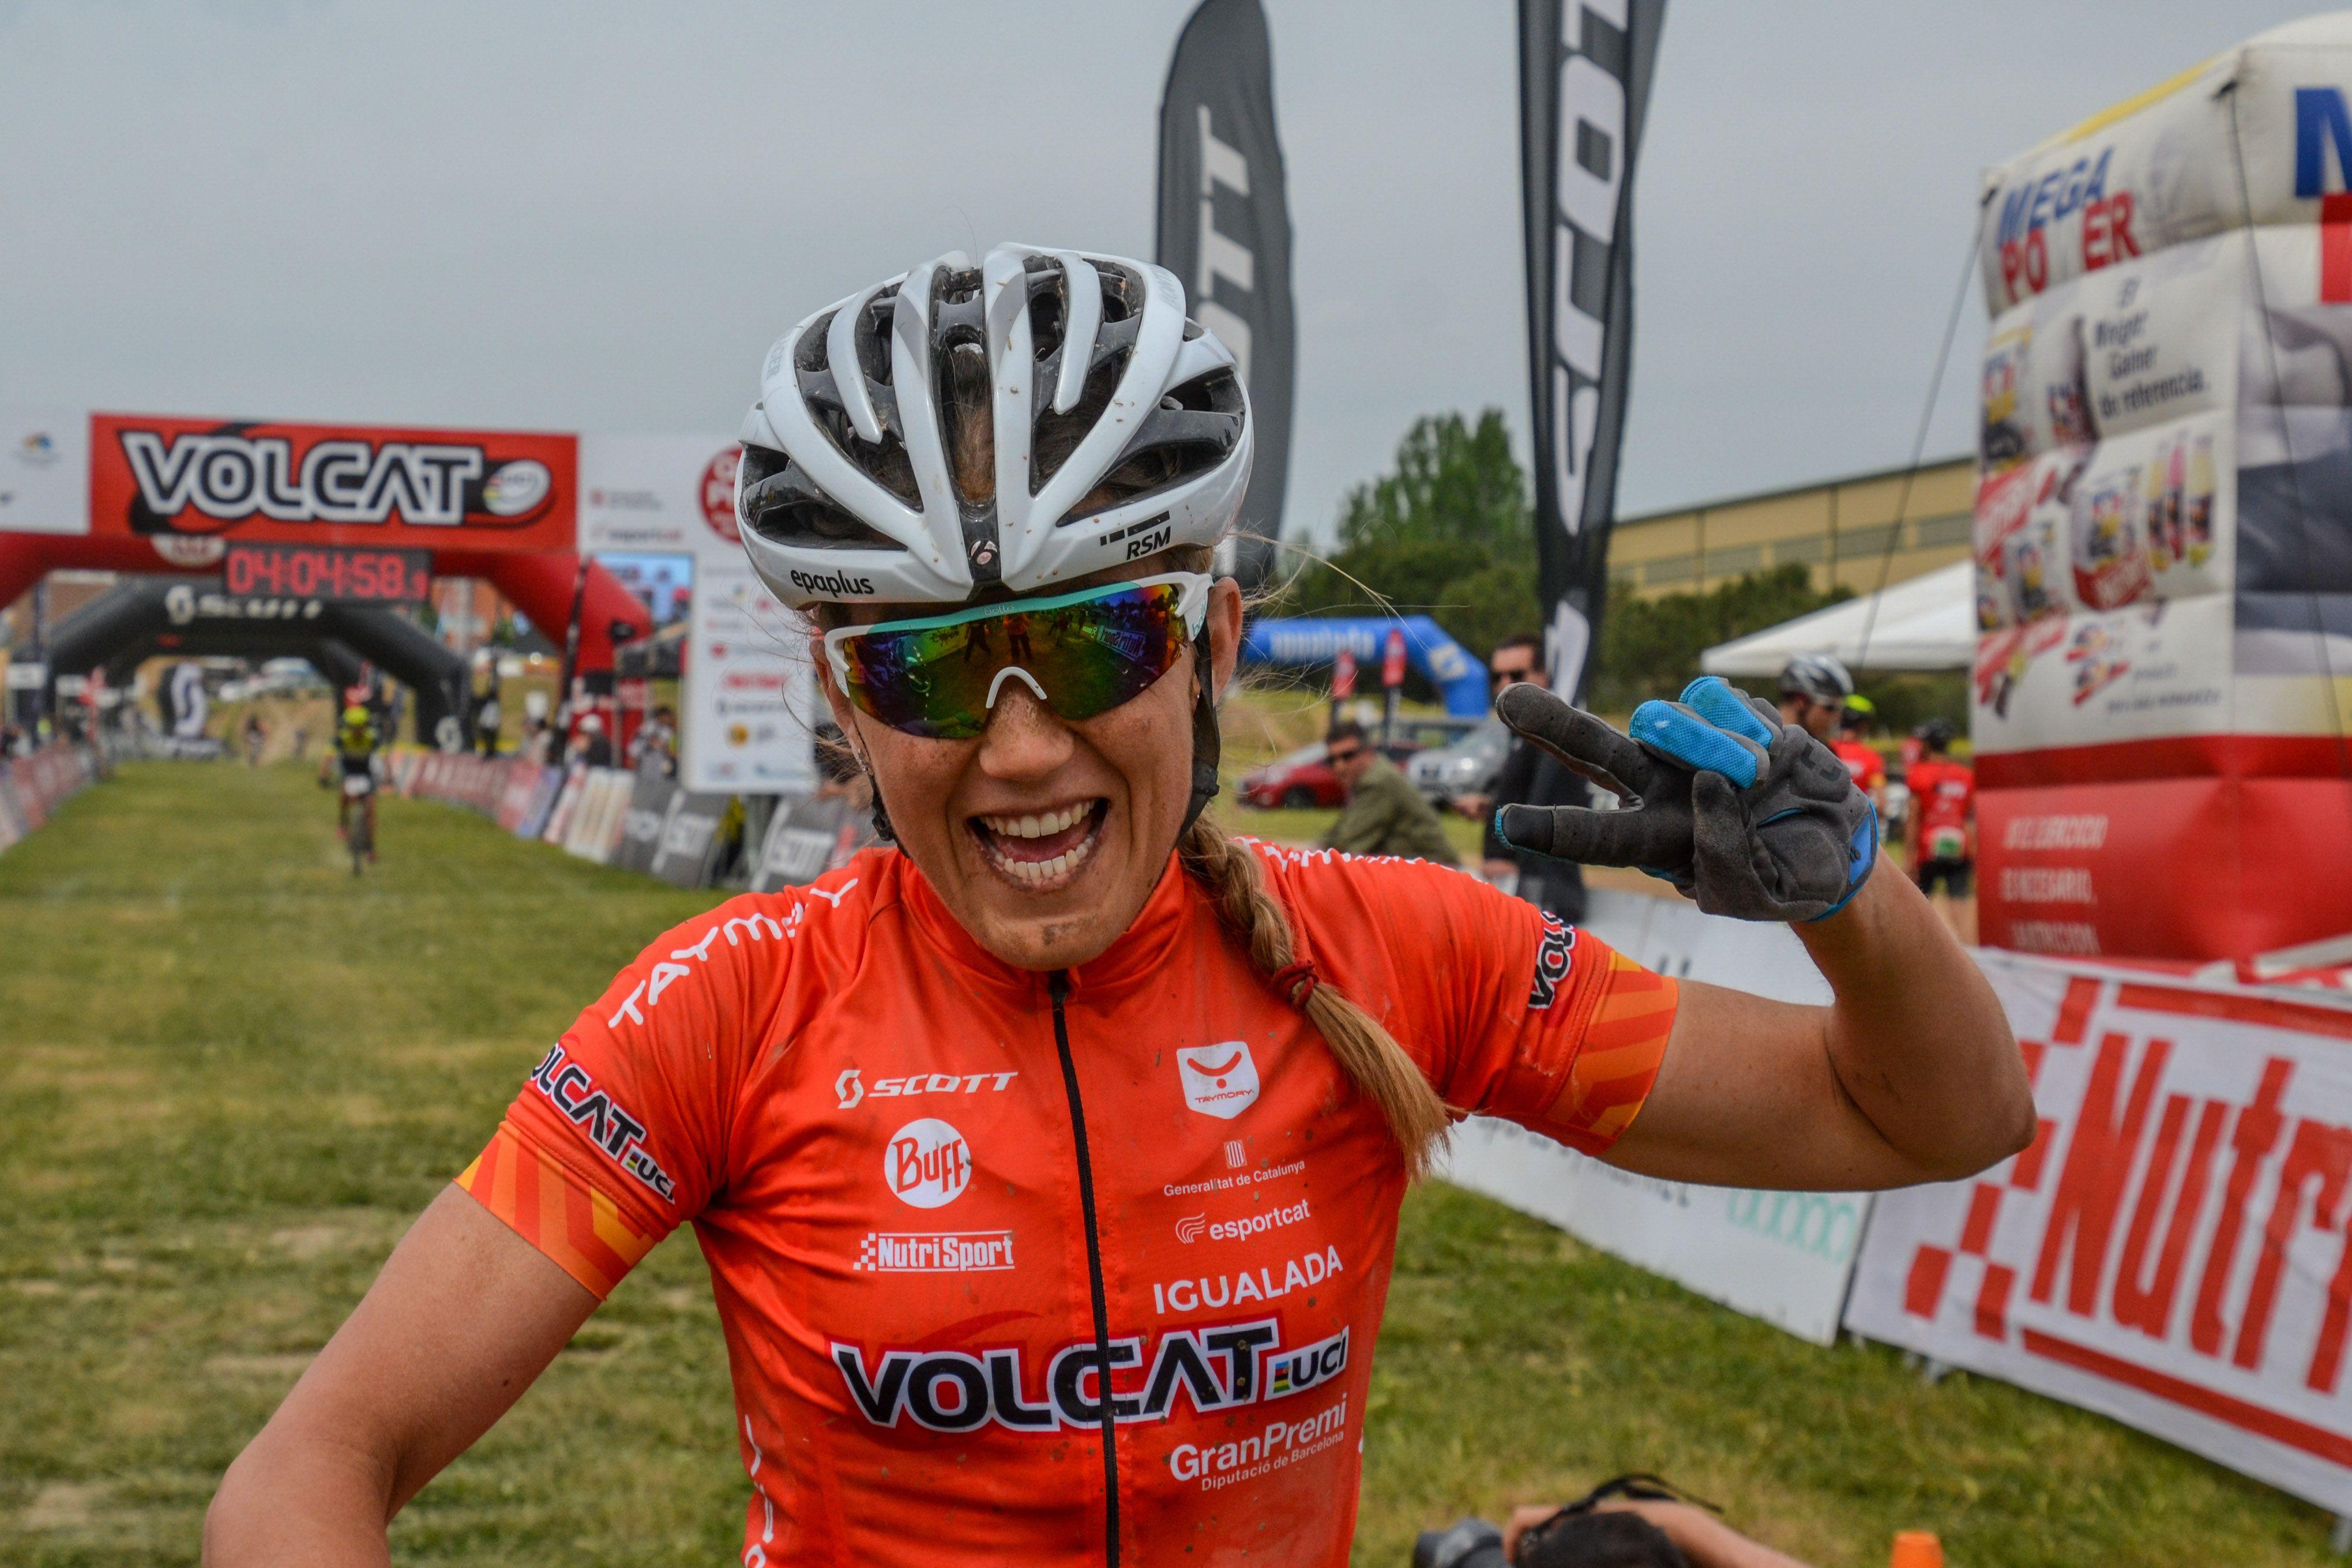 Claudia Galicia